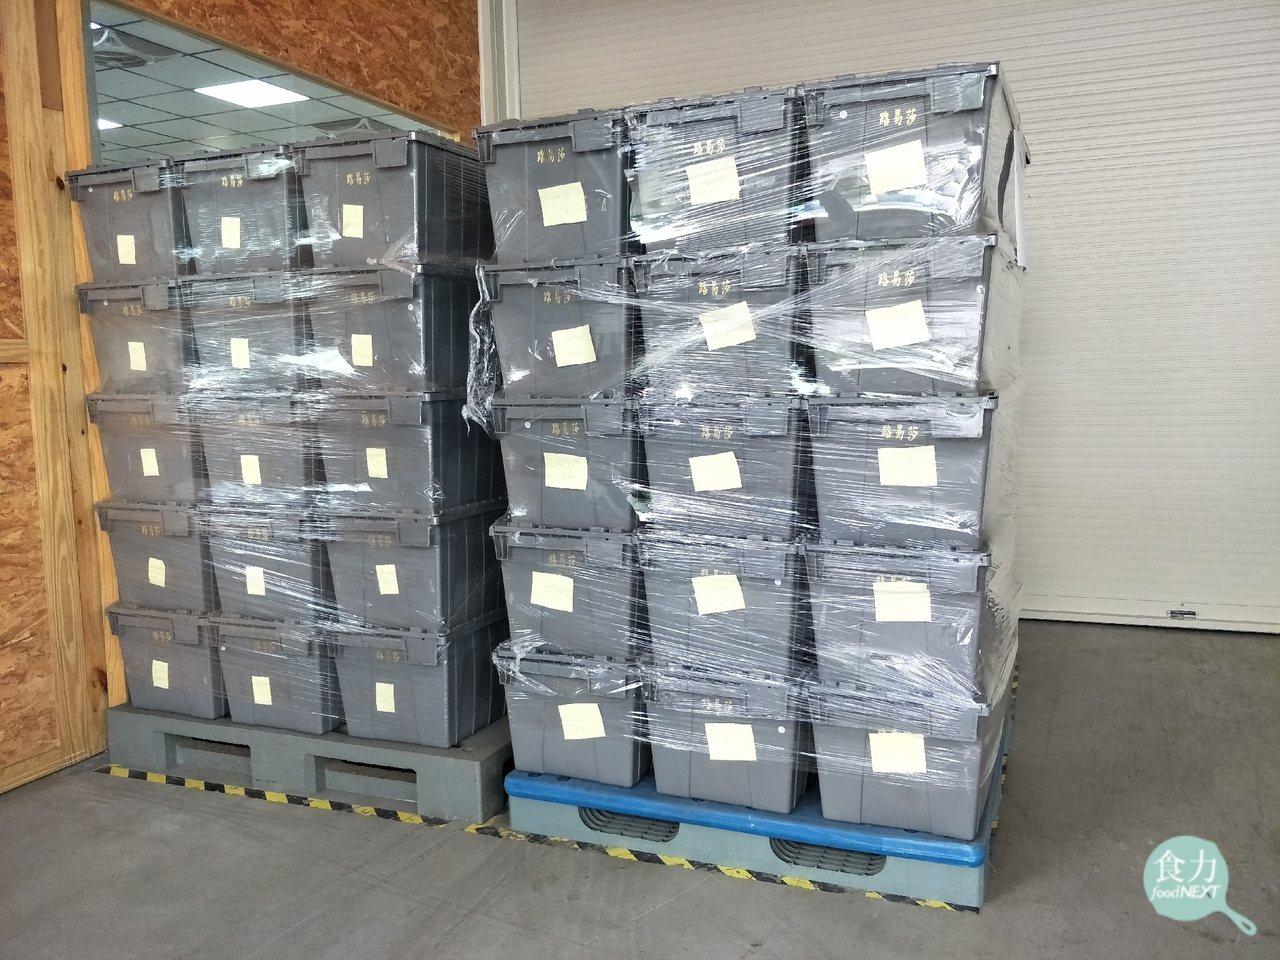 路易莎烘豆廠外擺放著幾十箱不符合採購標準、要退貨給生豆供應商的咖啡生豆。